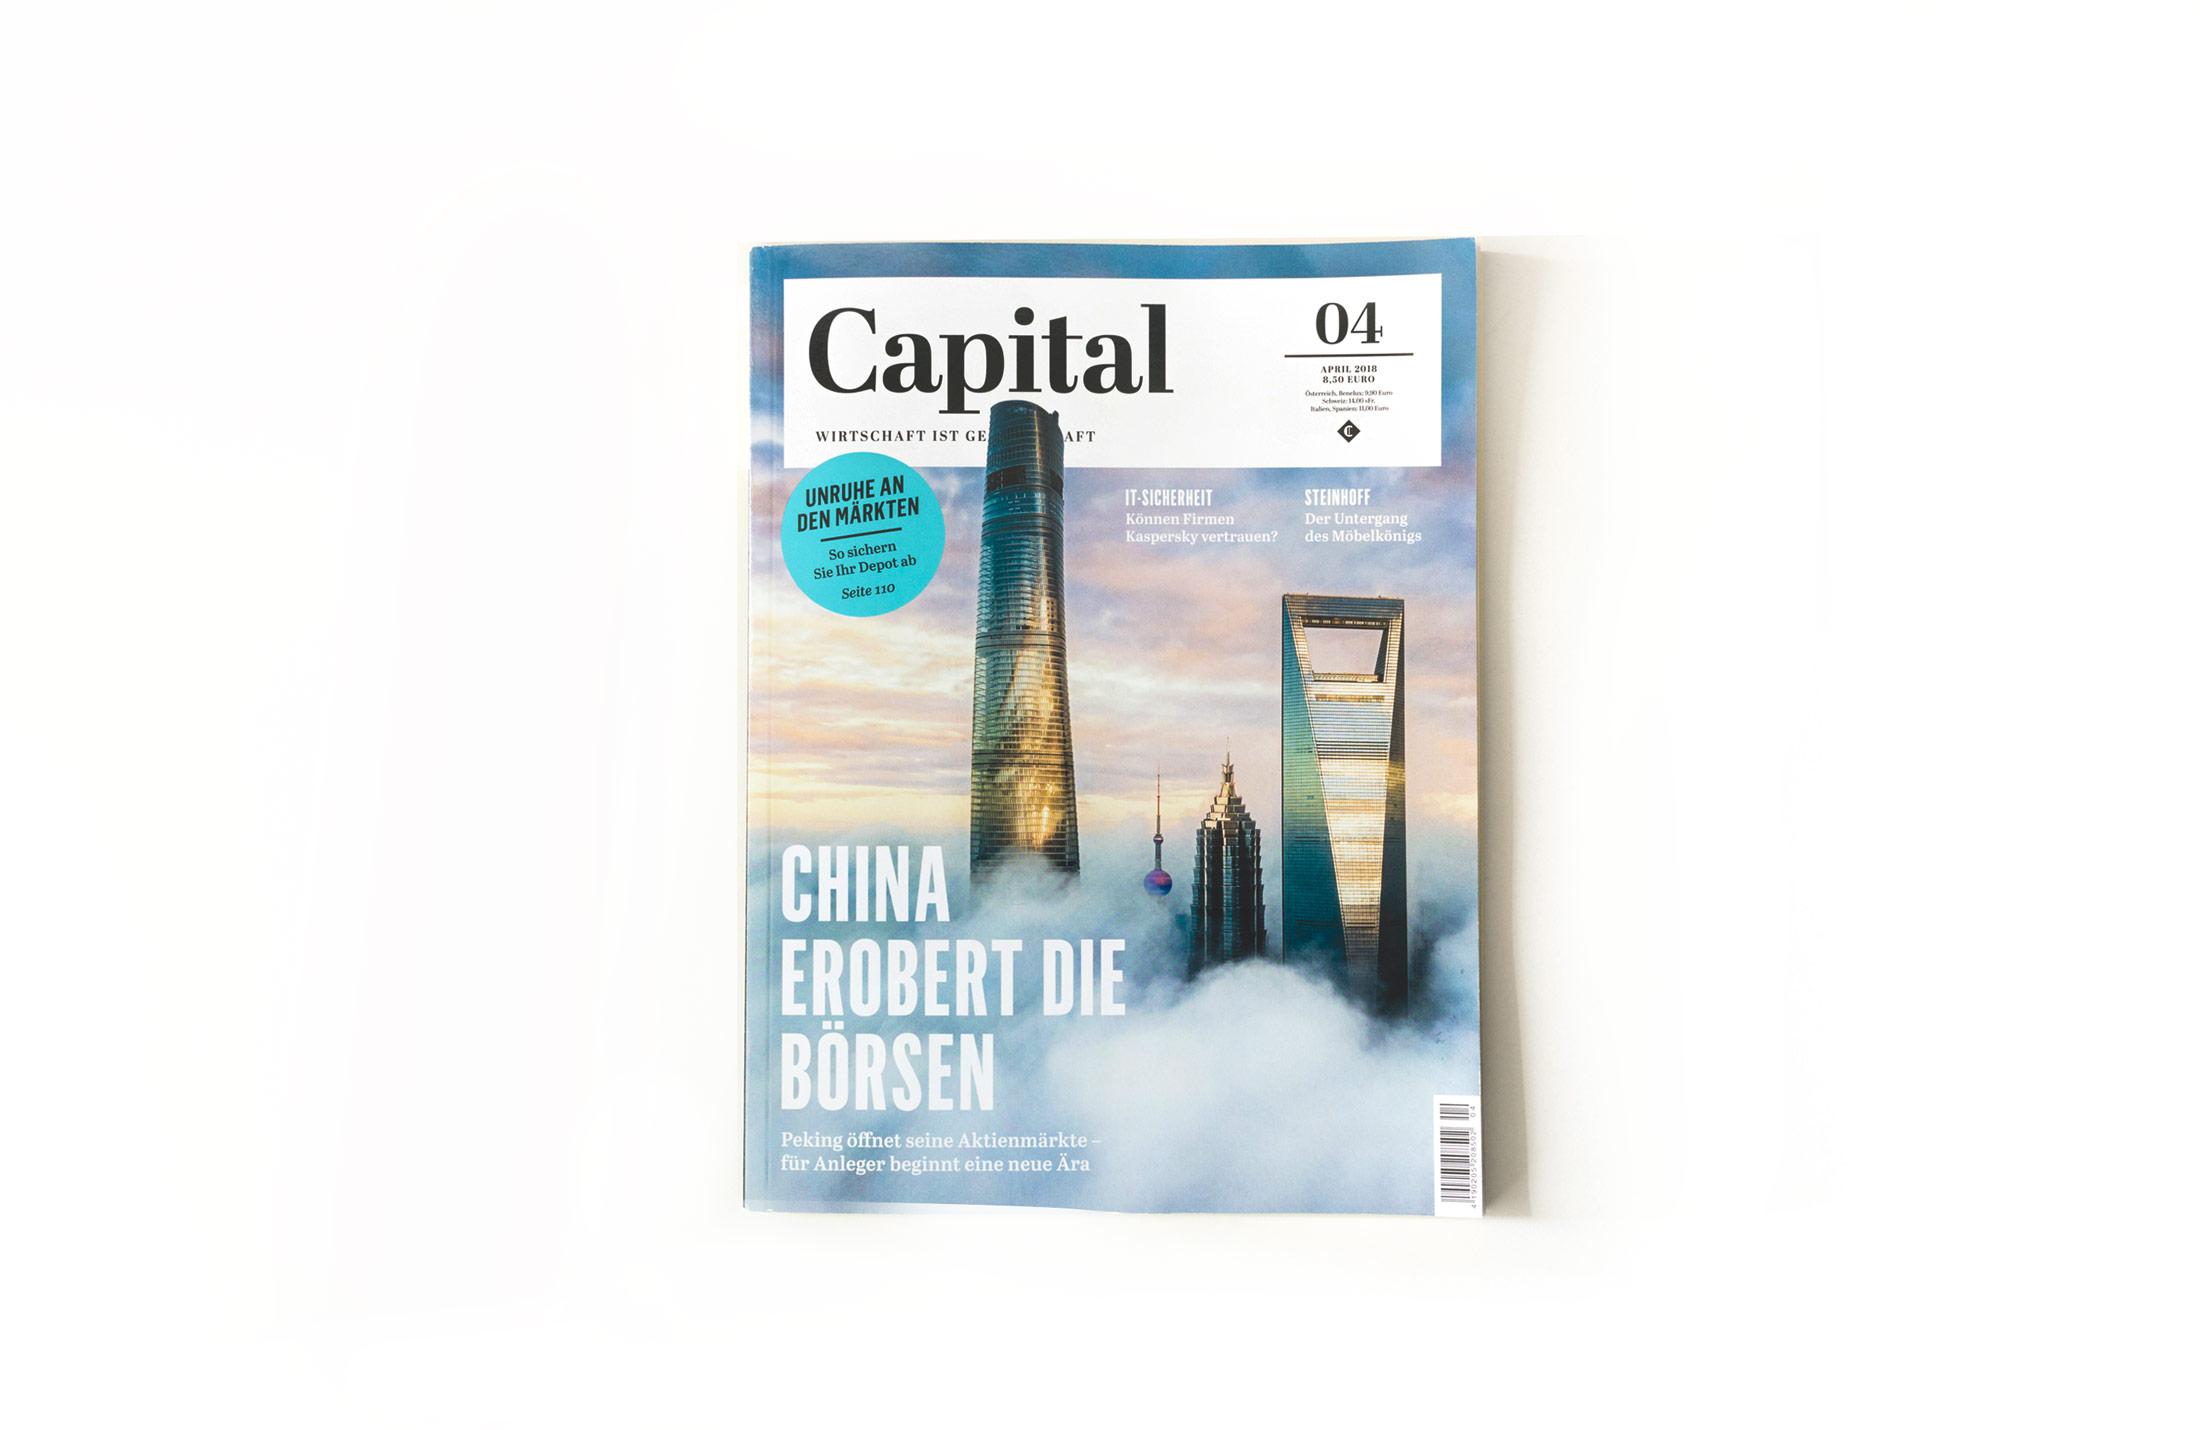 CapitalMagazine-000.jpg